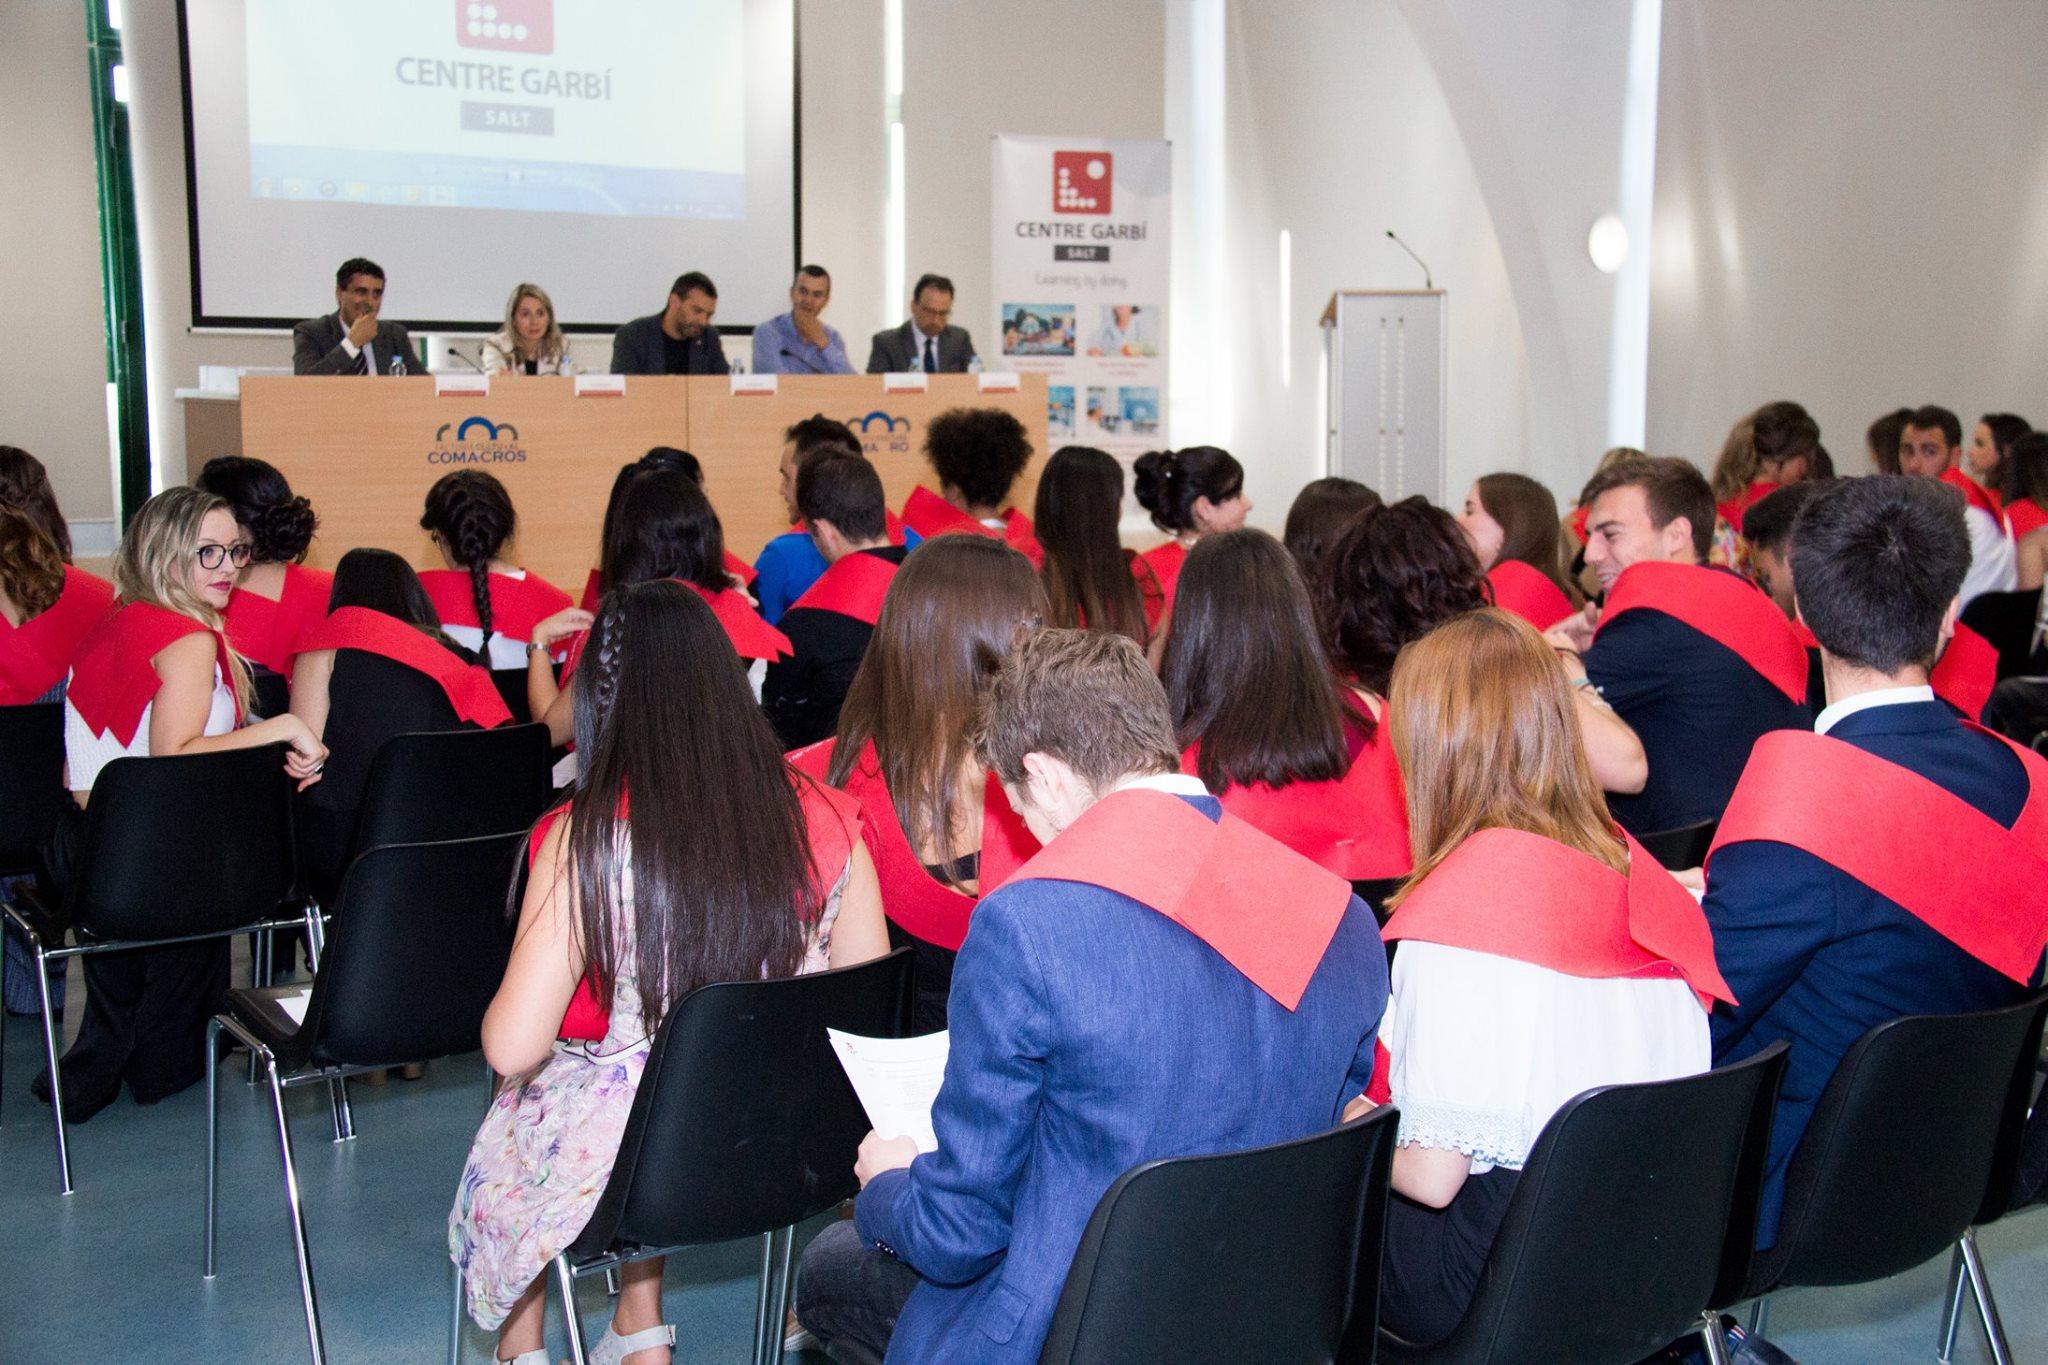 Acte de Graduació a la Factoria Cultural Coma Cros dels estudiants dels quatre cicles formatius que imparteix el Centre Privat Garbí